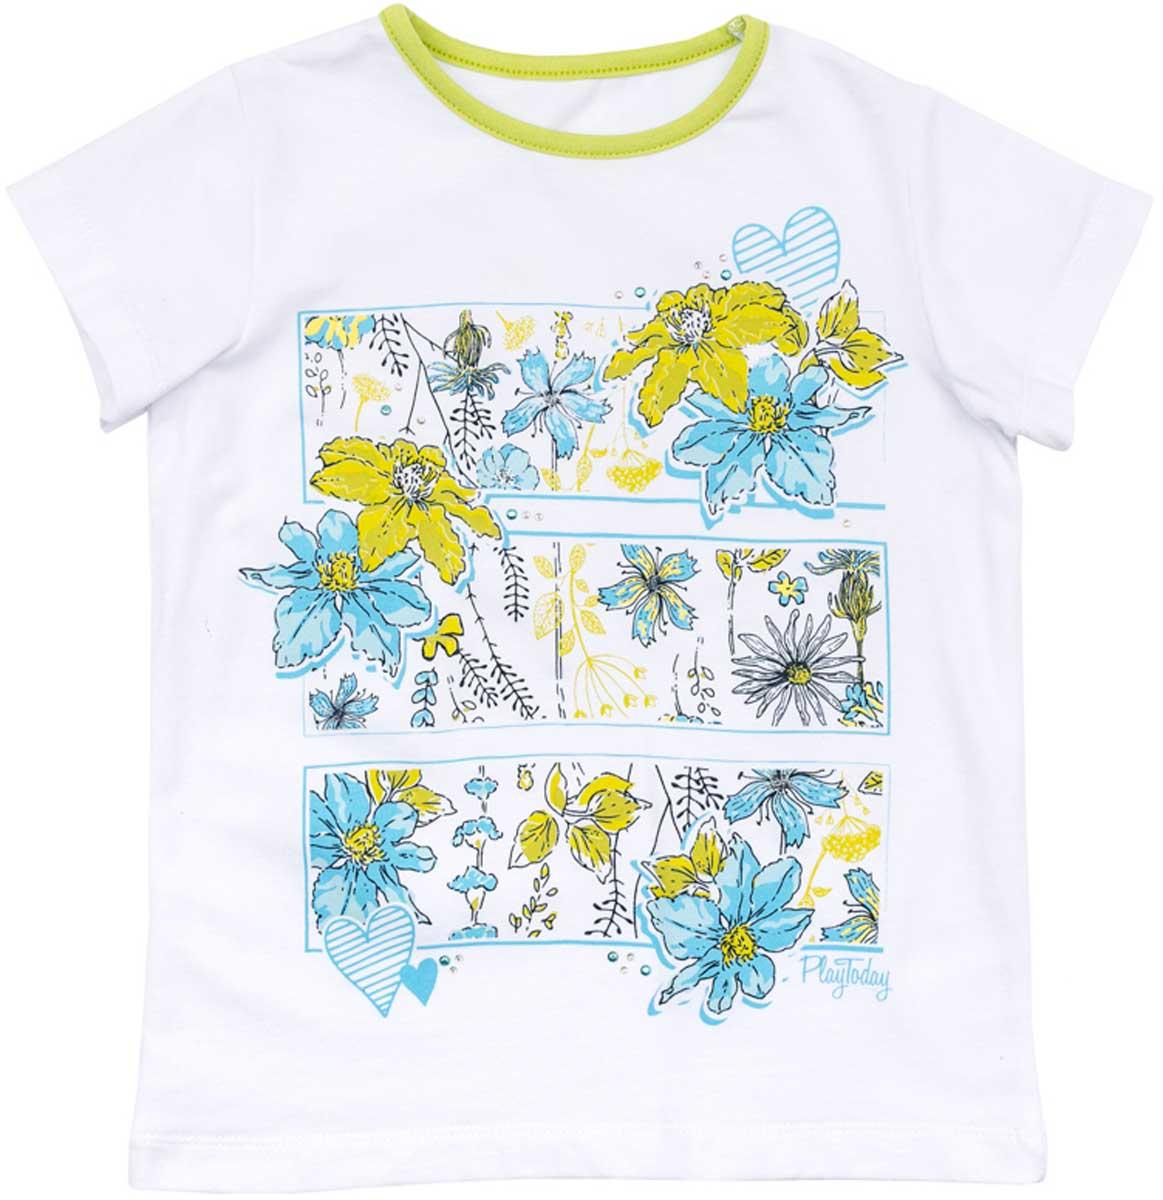 Фото Футболка для девочки PlayToday, цвет: белый, голубой, желтый. 172114. Размер 104. Купить  в РФ